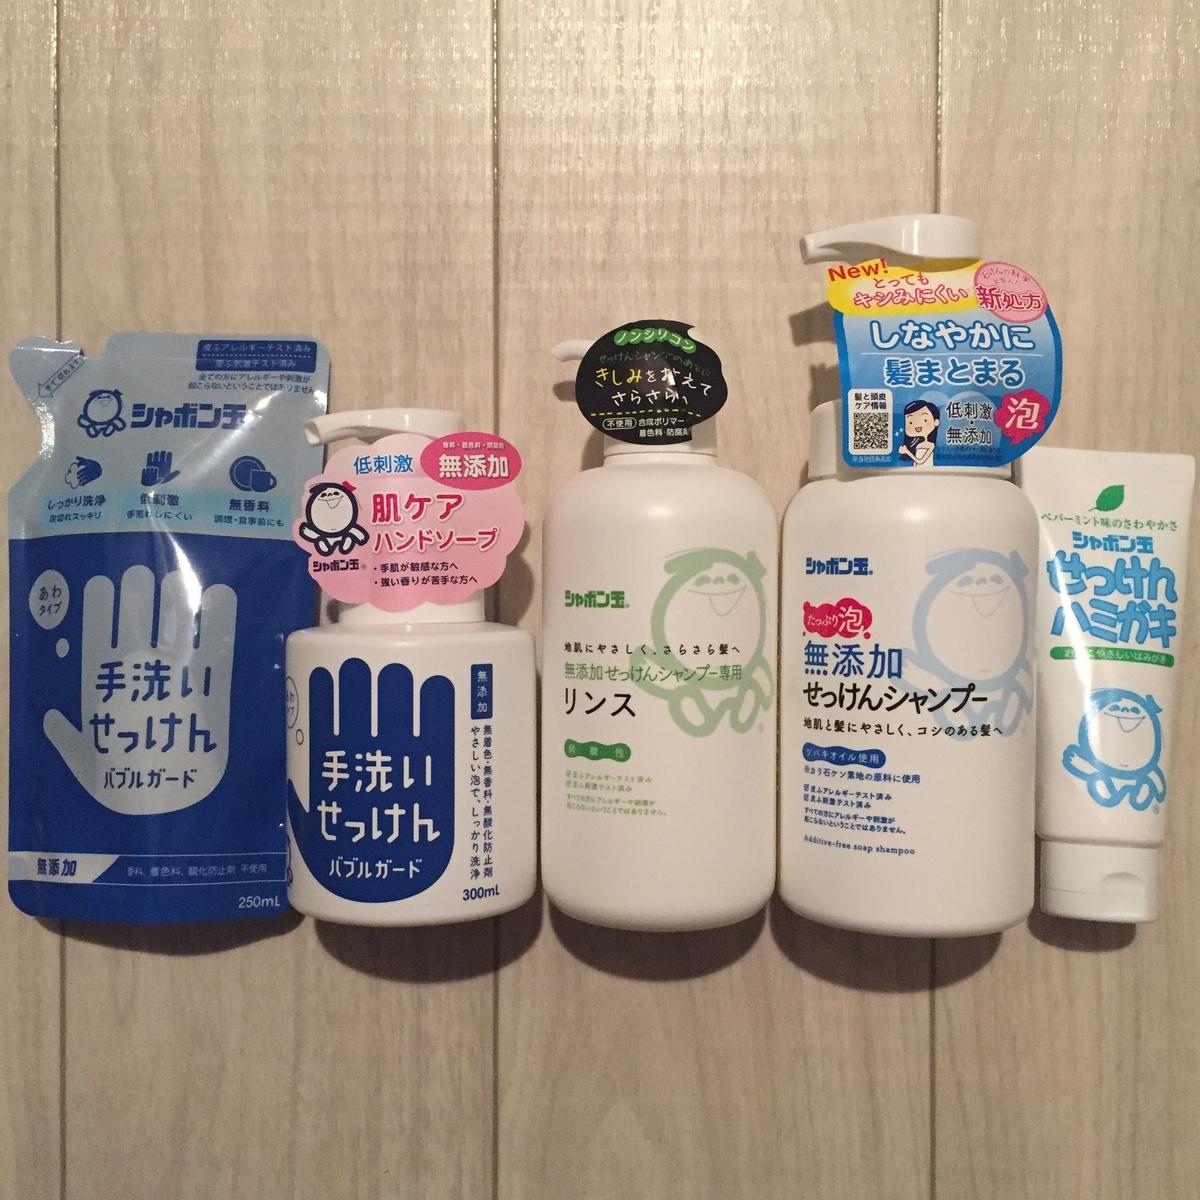 シャボン玉石鹸 無添加 添加物 アトピー ハンドソープ シャンプー リンス 歯磨き粉